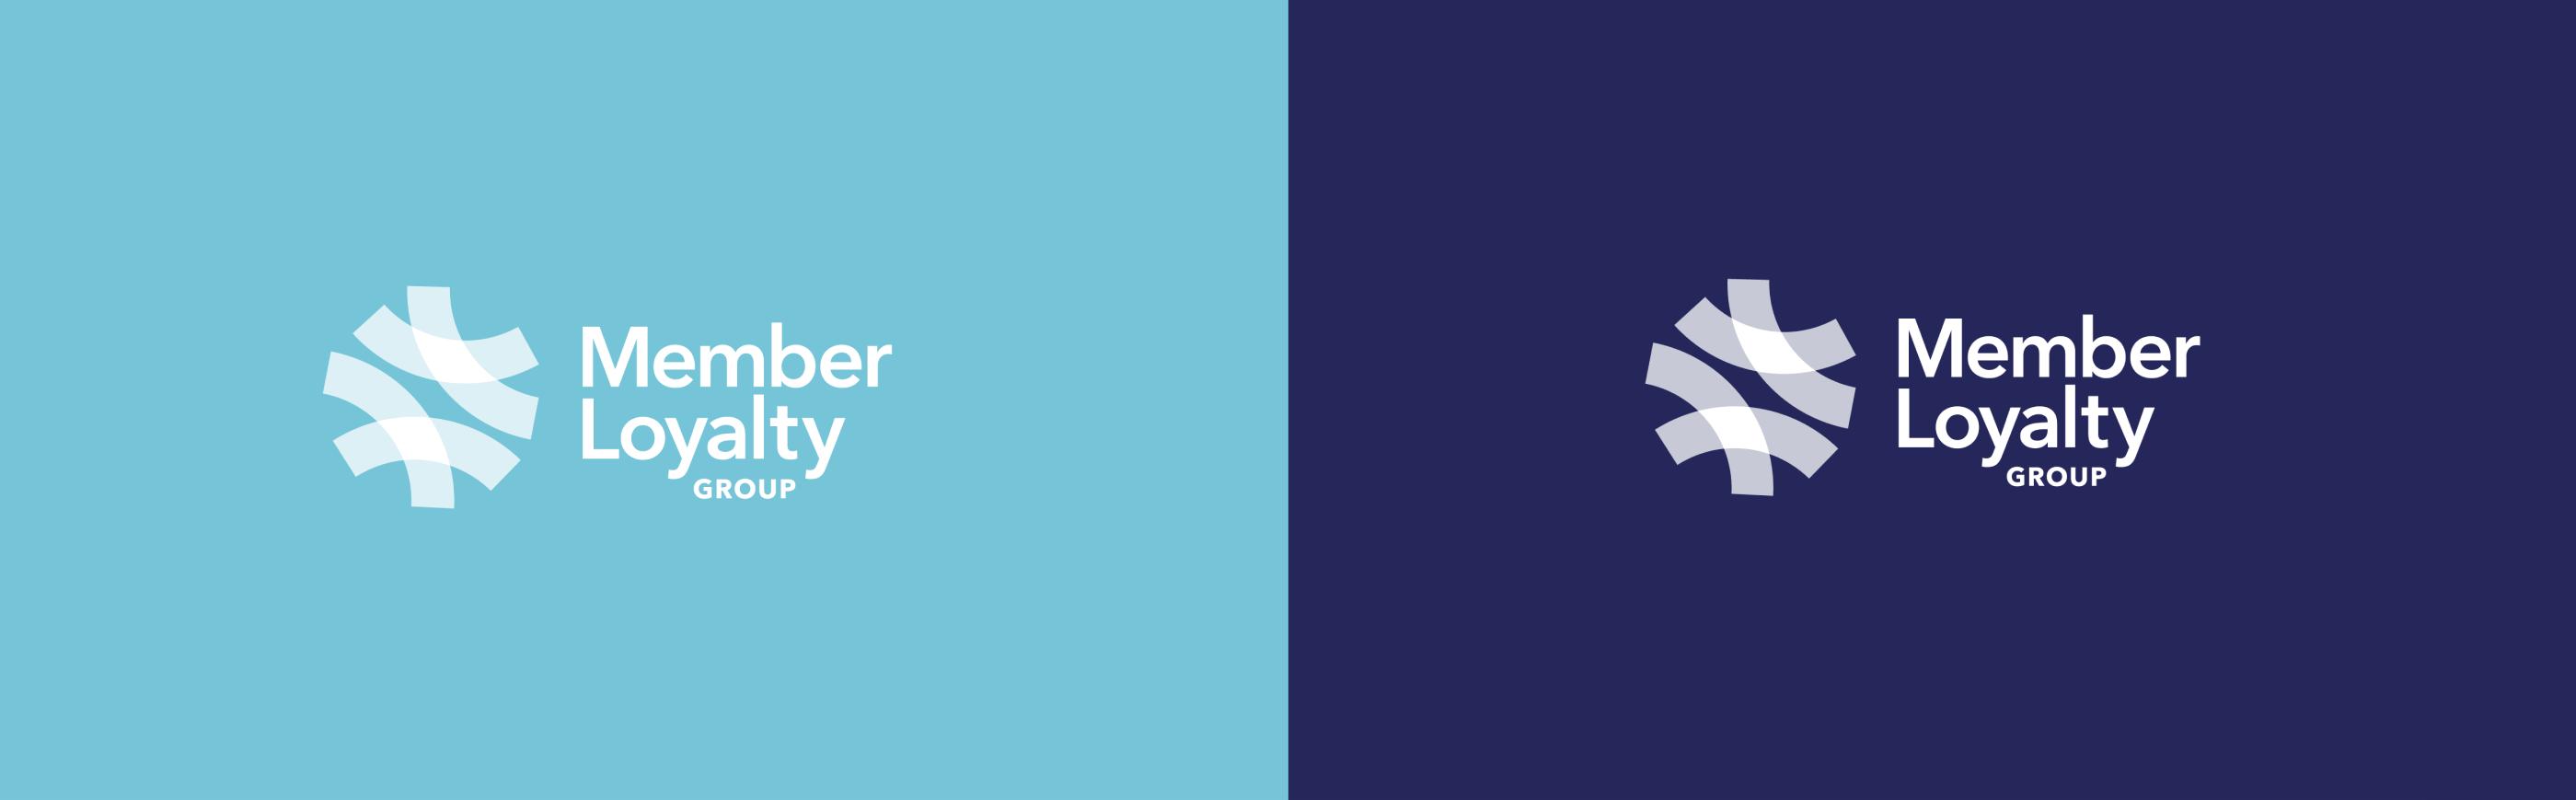 mlg-logos